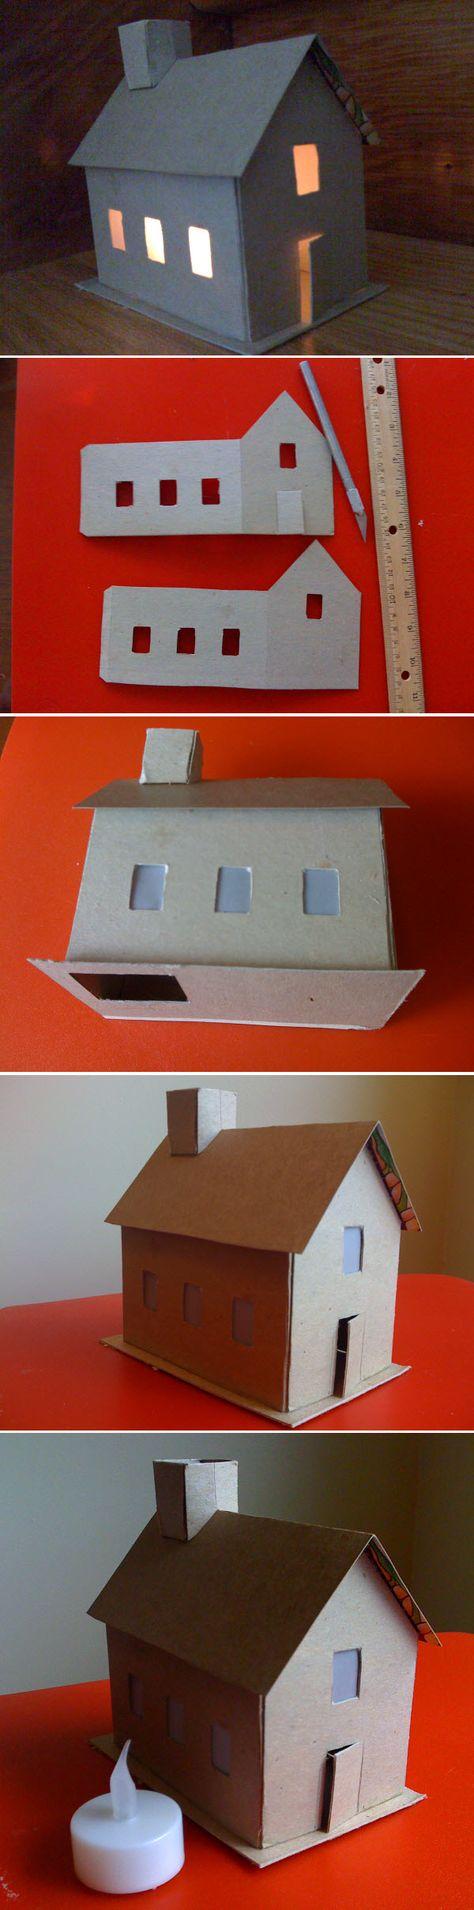 Fabriquer une maison en carton | Maison en carton, Maison de noel, Maisons en papier